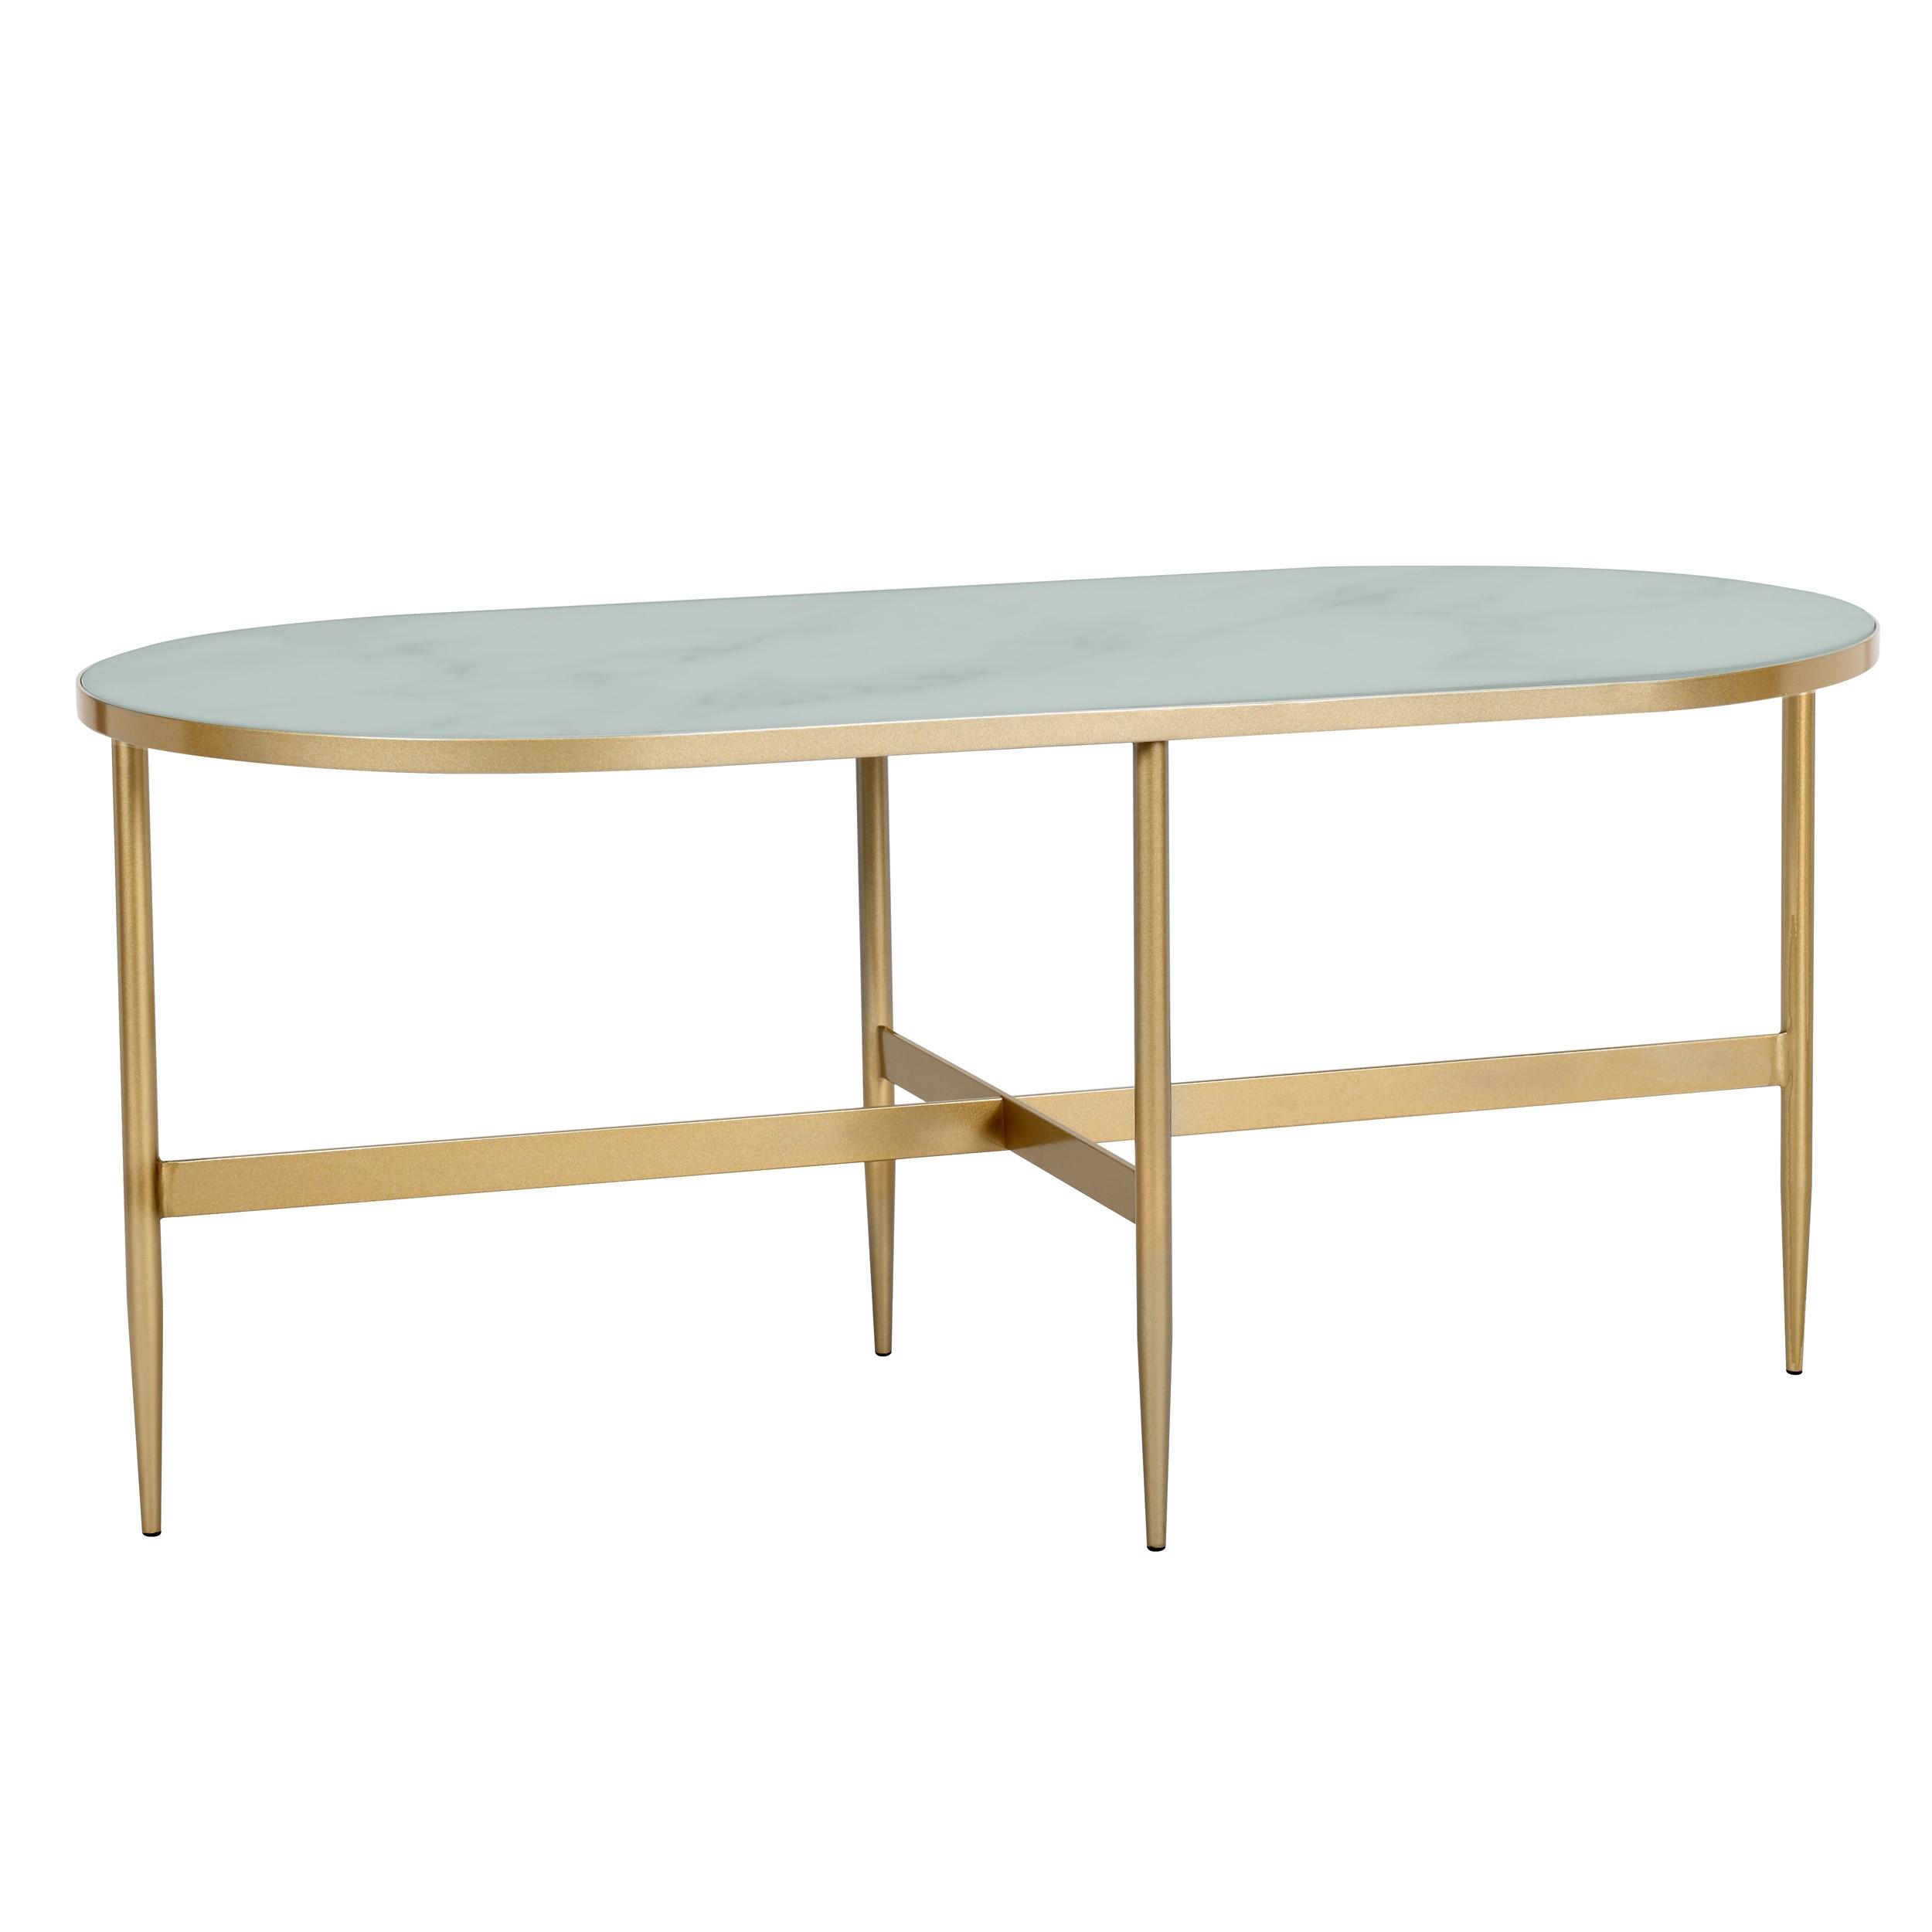 table basse ovale alaska en verre effet marbre et laiton. Black Bedroom Furniture Sets. Home Design Ideas